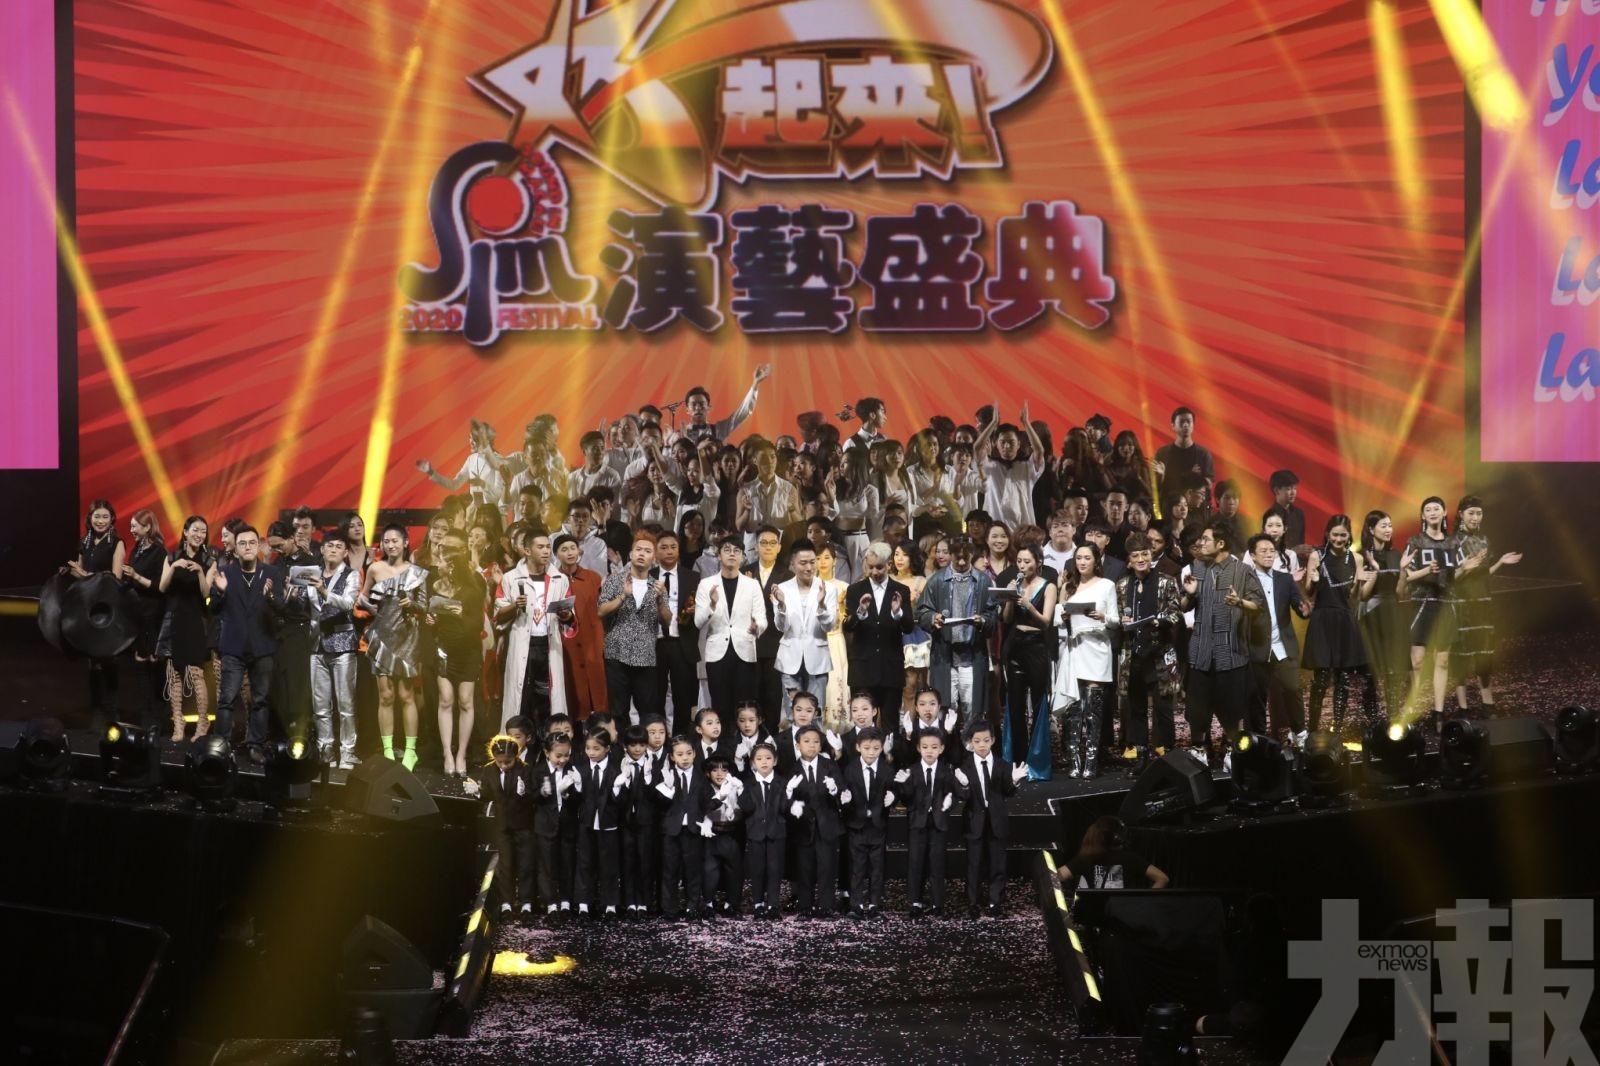 太陽城辦年內首個大型演唱會